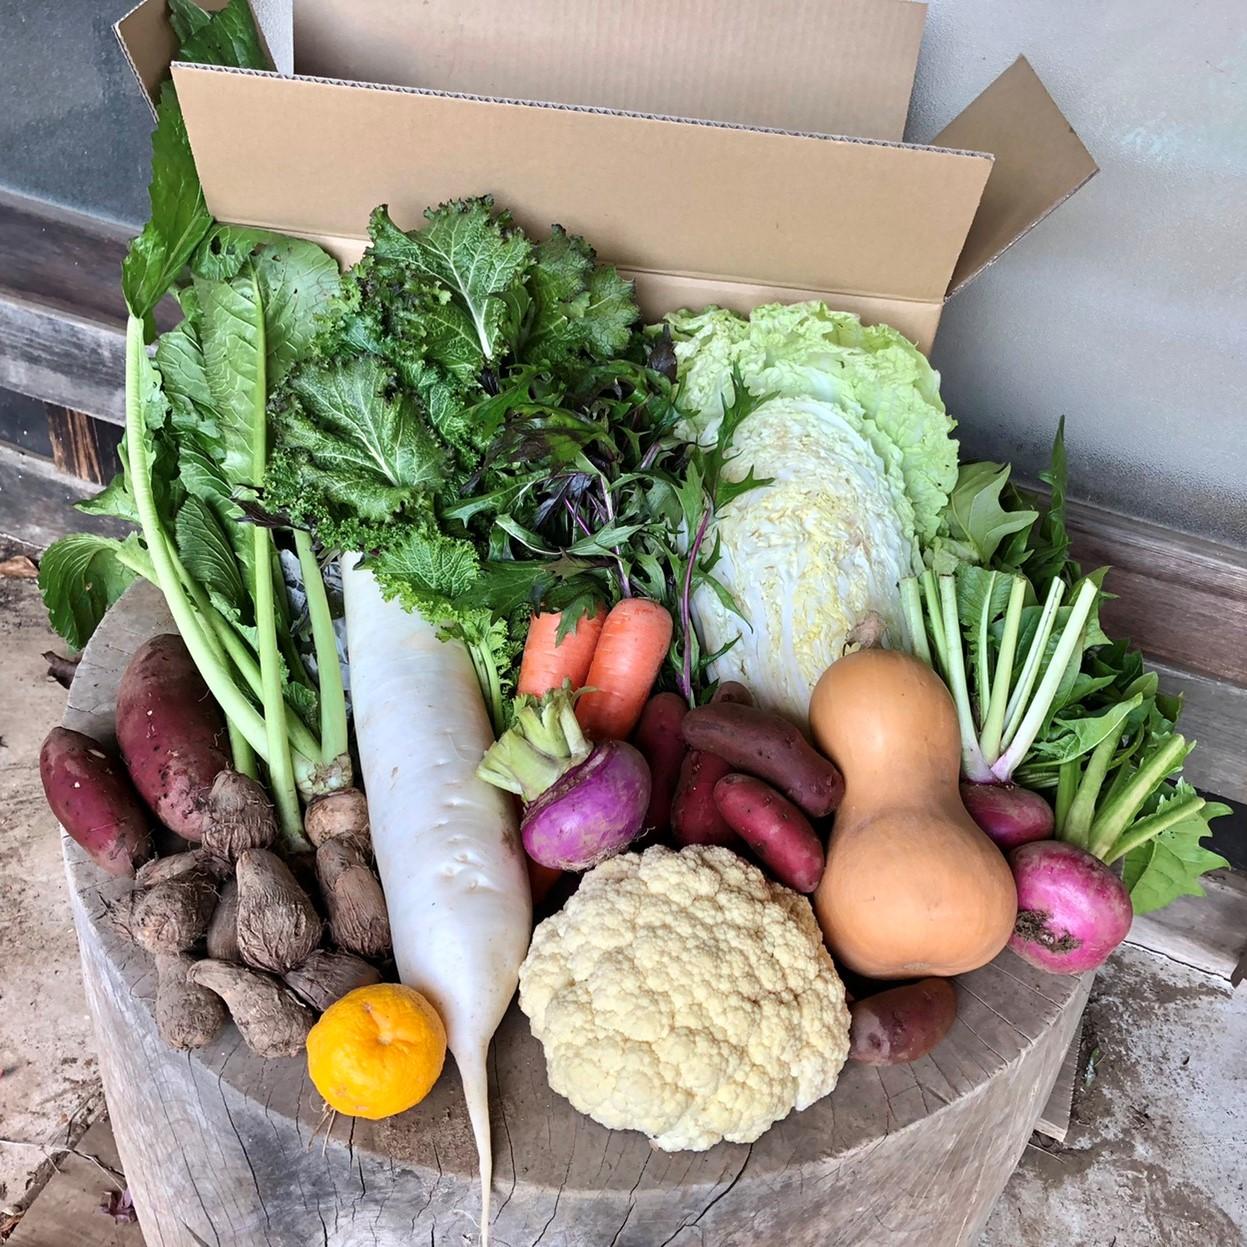 【定期宅配】 無農薬・自然栽培 季節の産直野菜いろどりセット Mサイズ 8~10種類